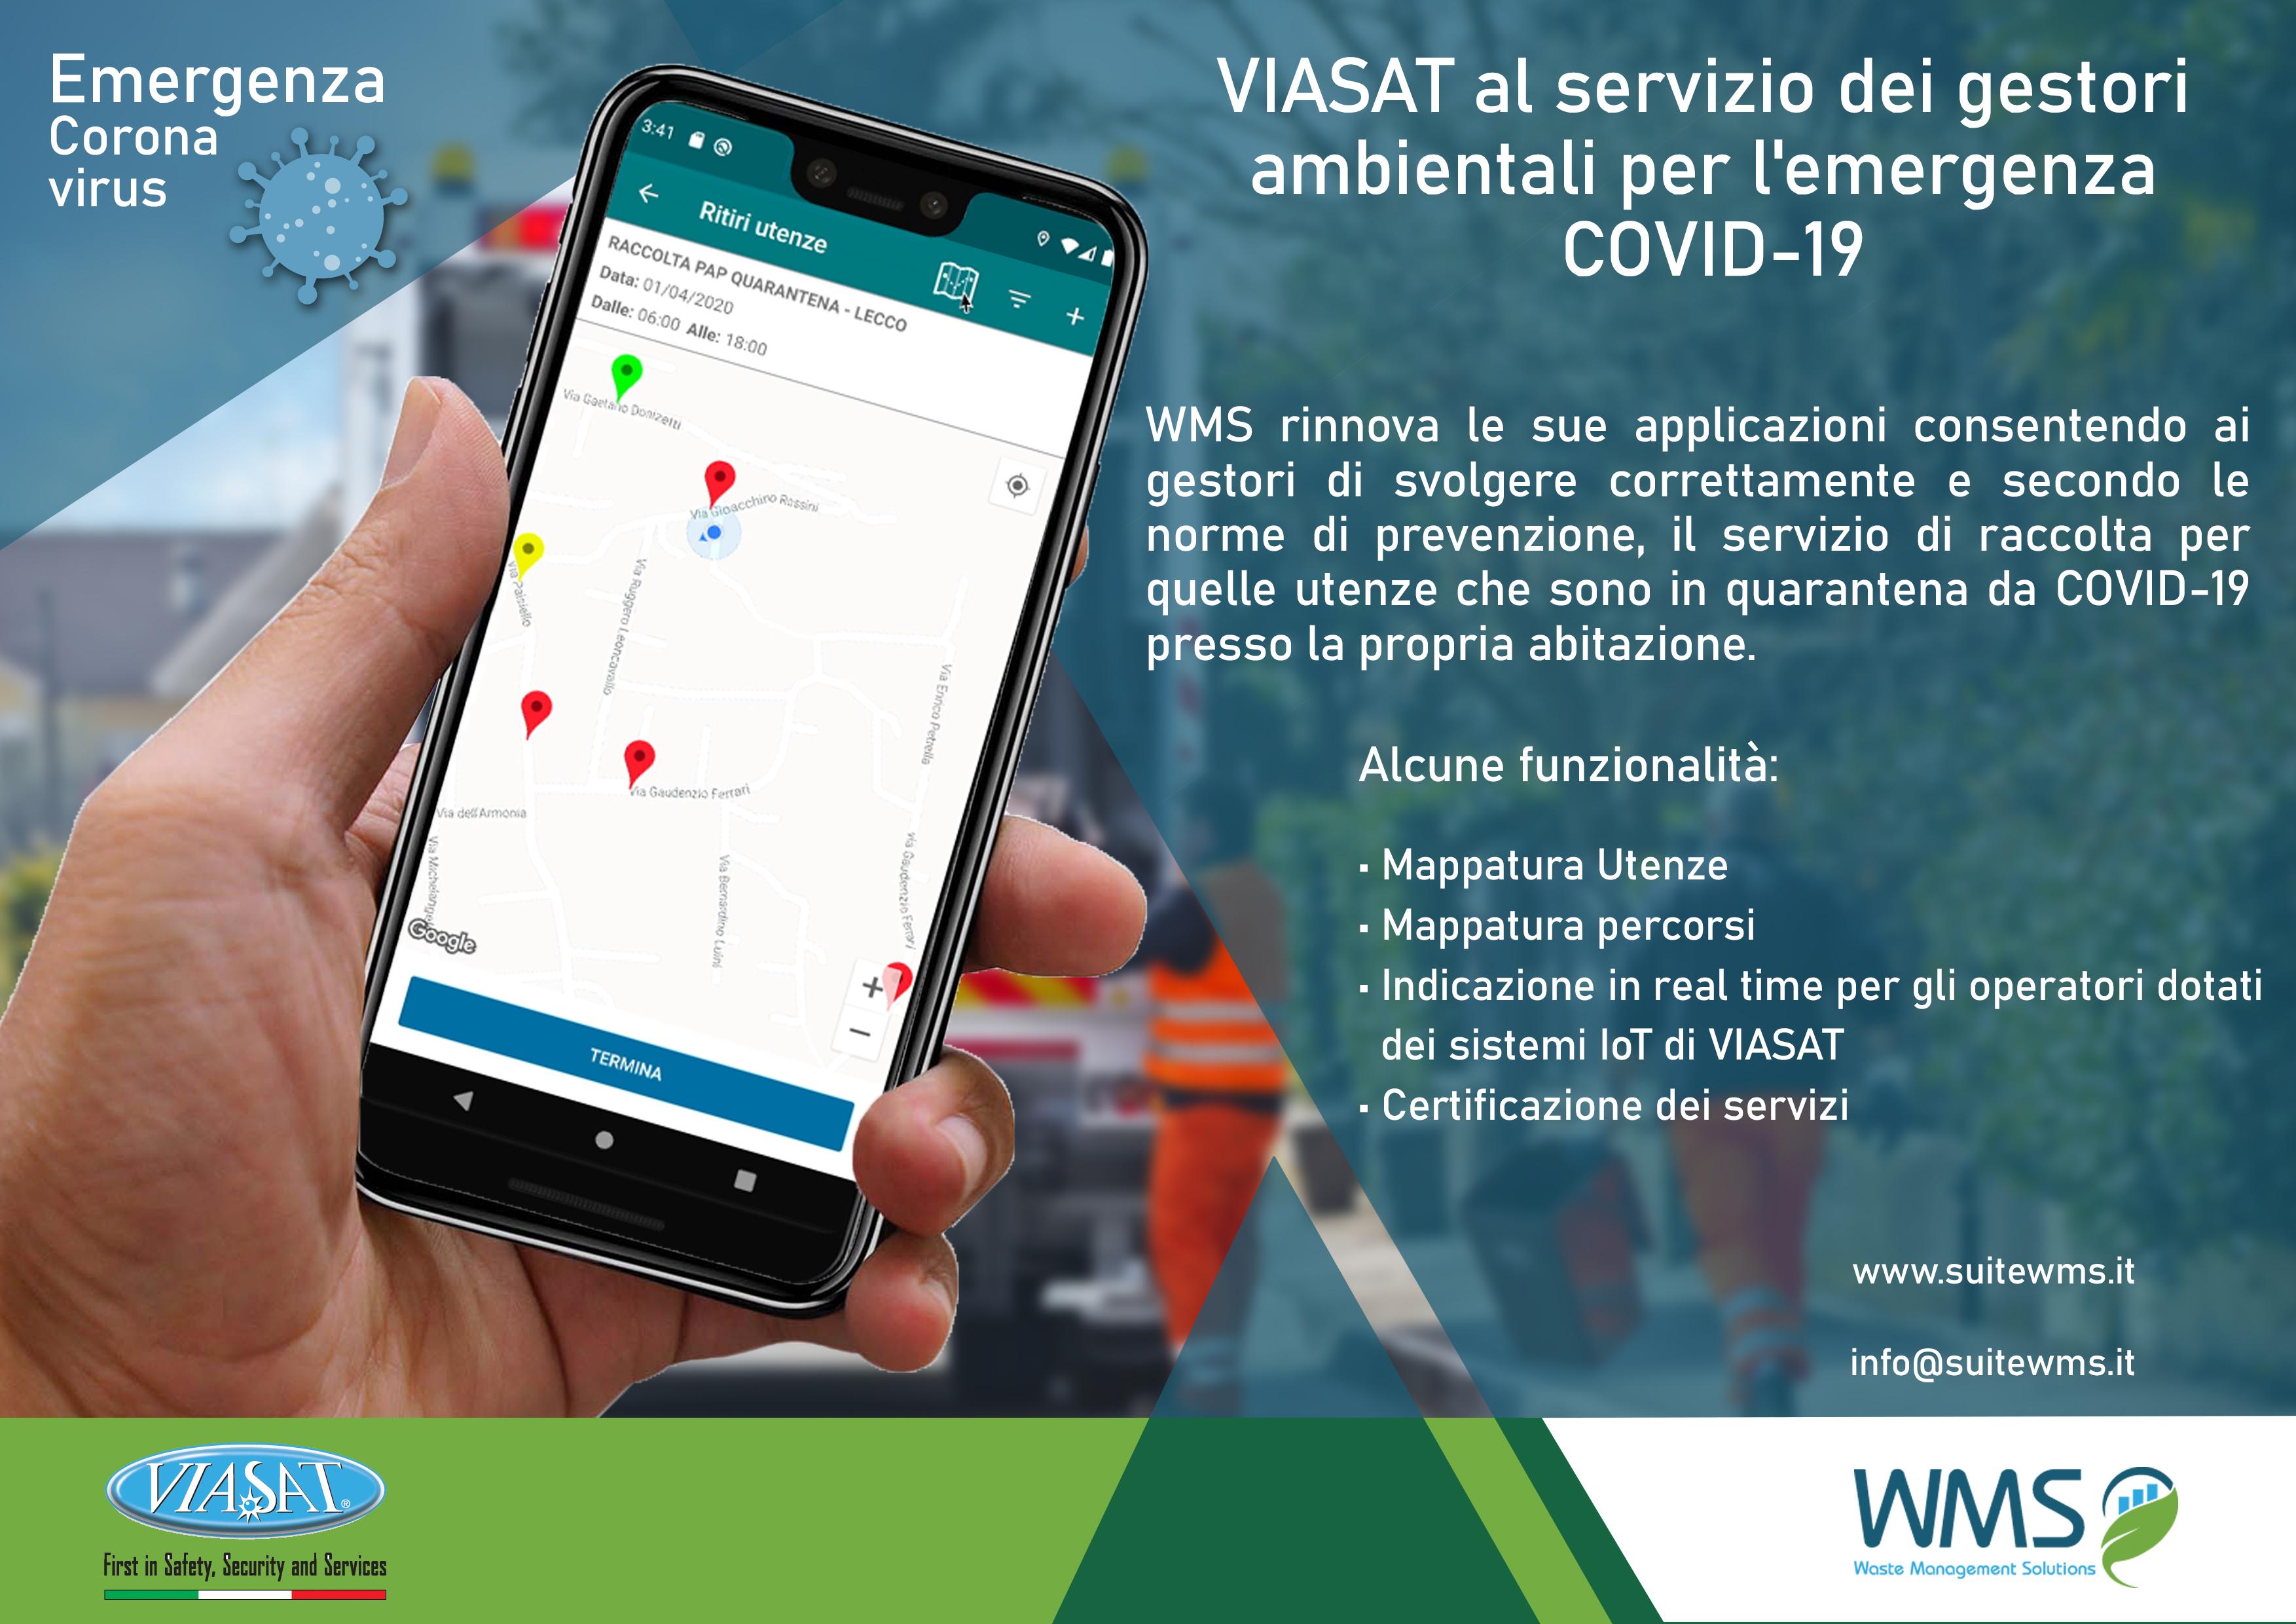 Emergenza Coronavirus: l'APP Covid di Viasat per oltre 80 comuni della provincia di Lecco